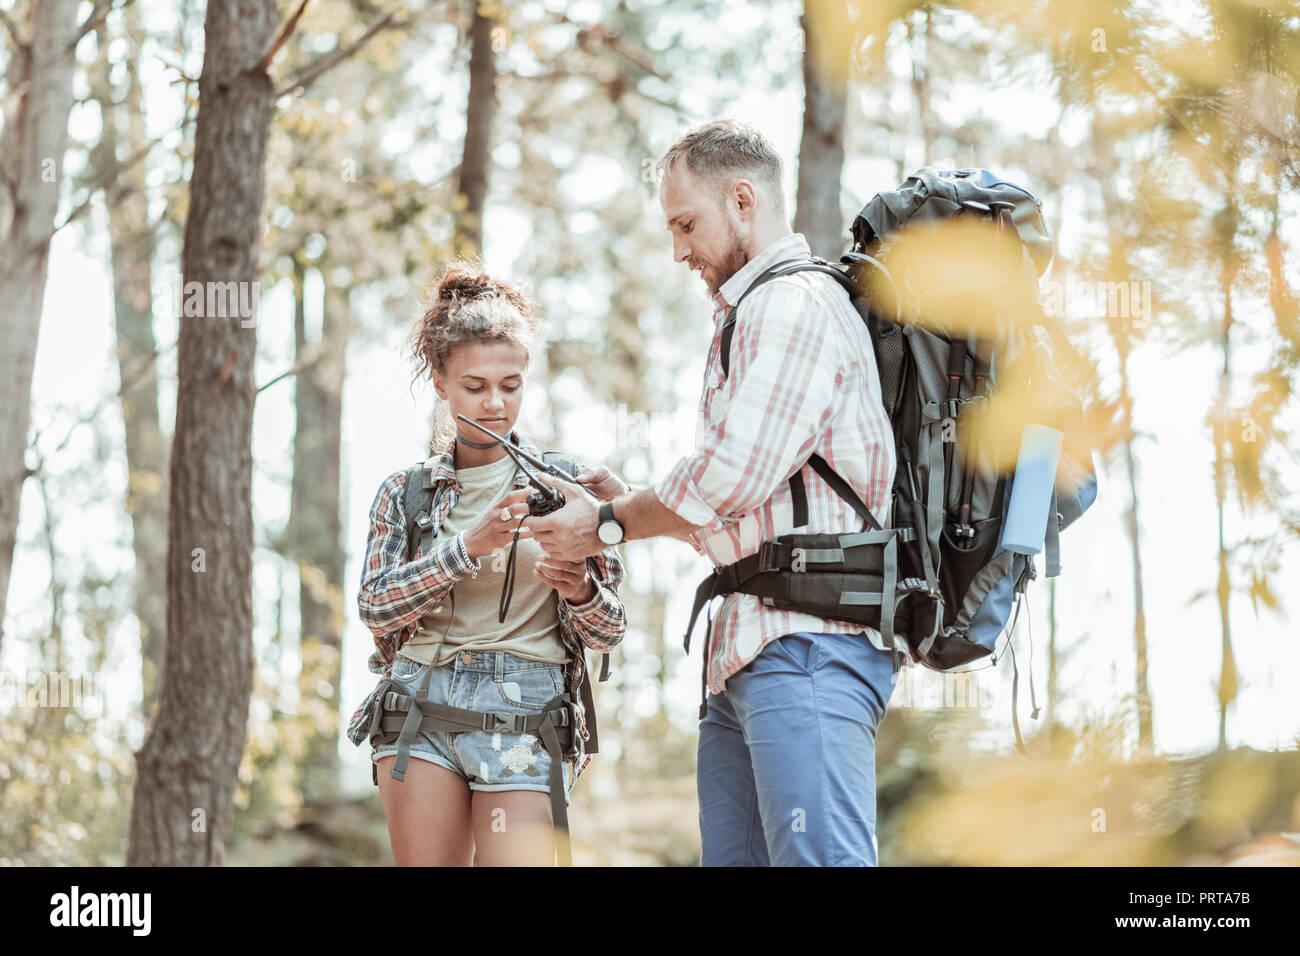 Mann beruhigend seine attraktive Frau, nachdem sie in Wald mit Rucksäcken verloren Stockbild